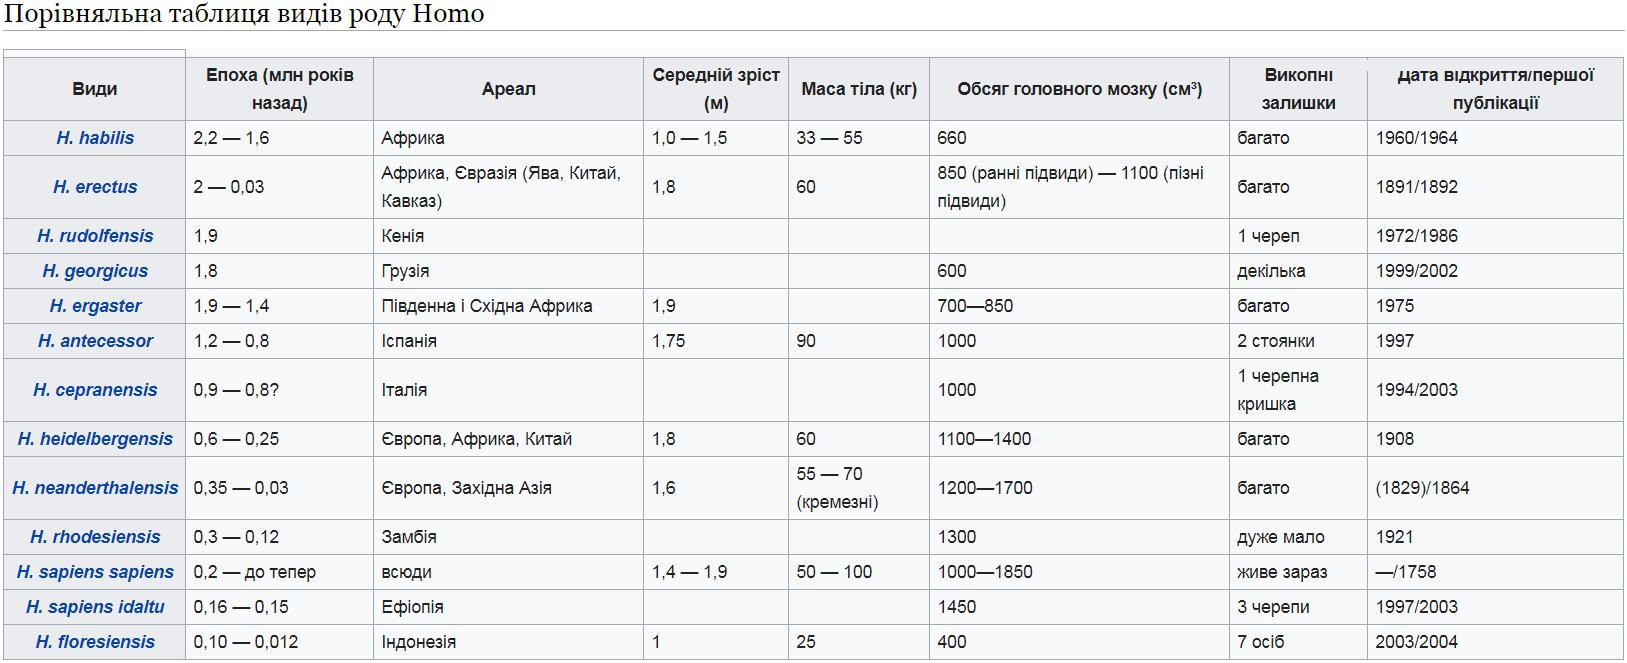 Порівняльна таблиця видів Homo2